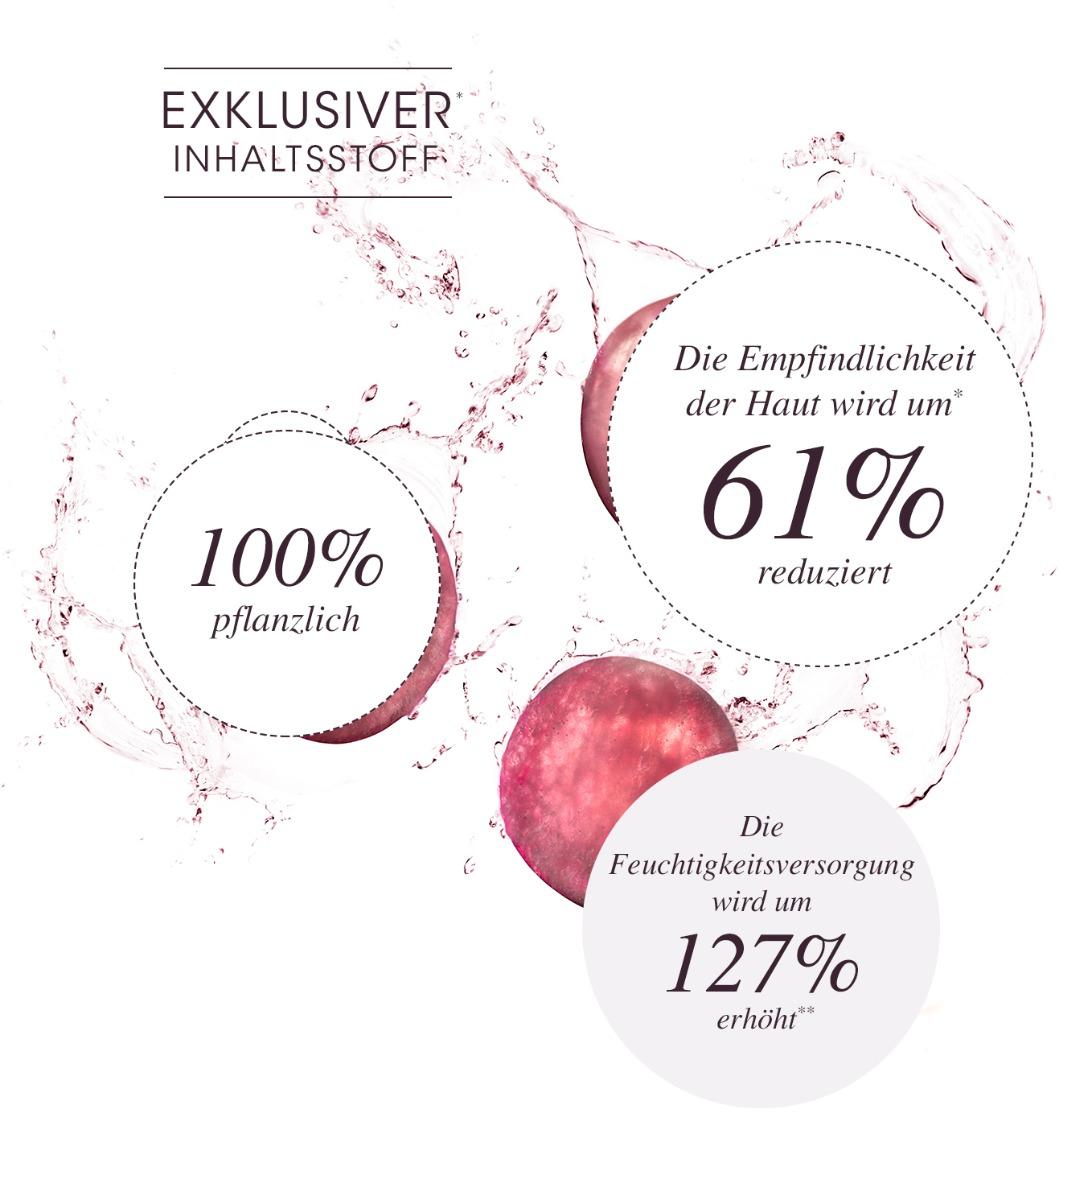 Weintraubenwasser - Eine bewiesene Wirksamkeit